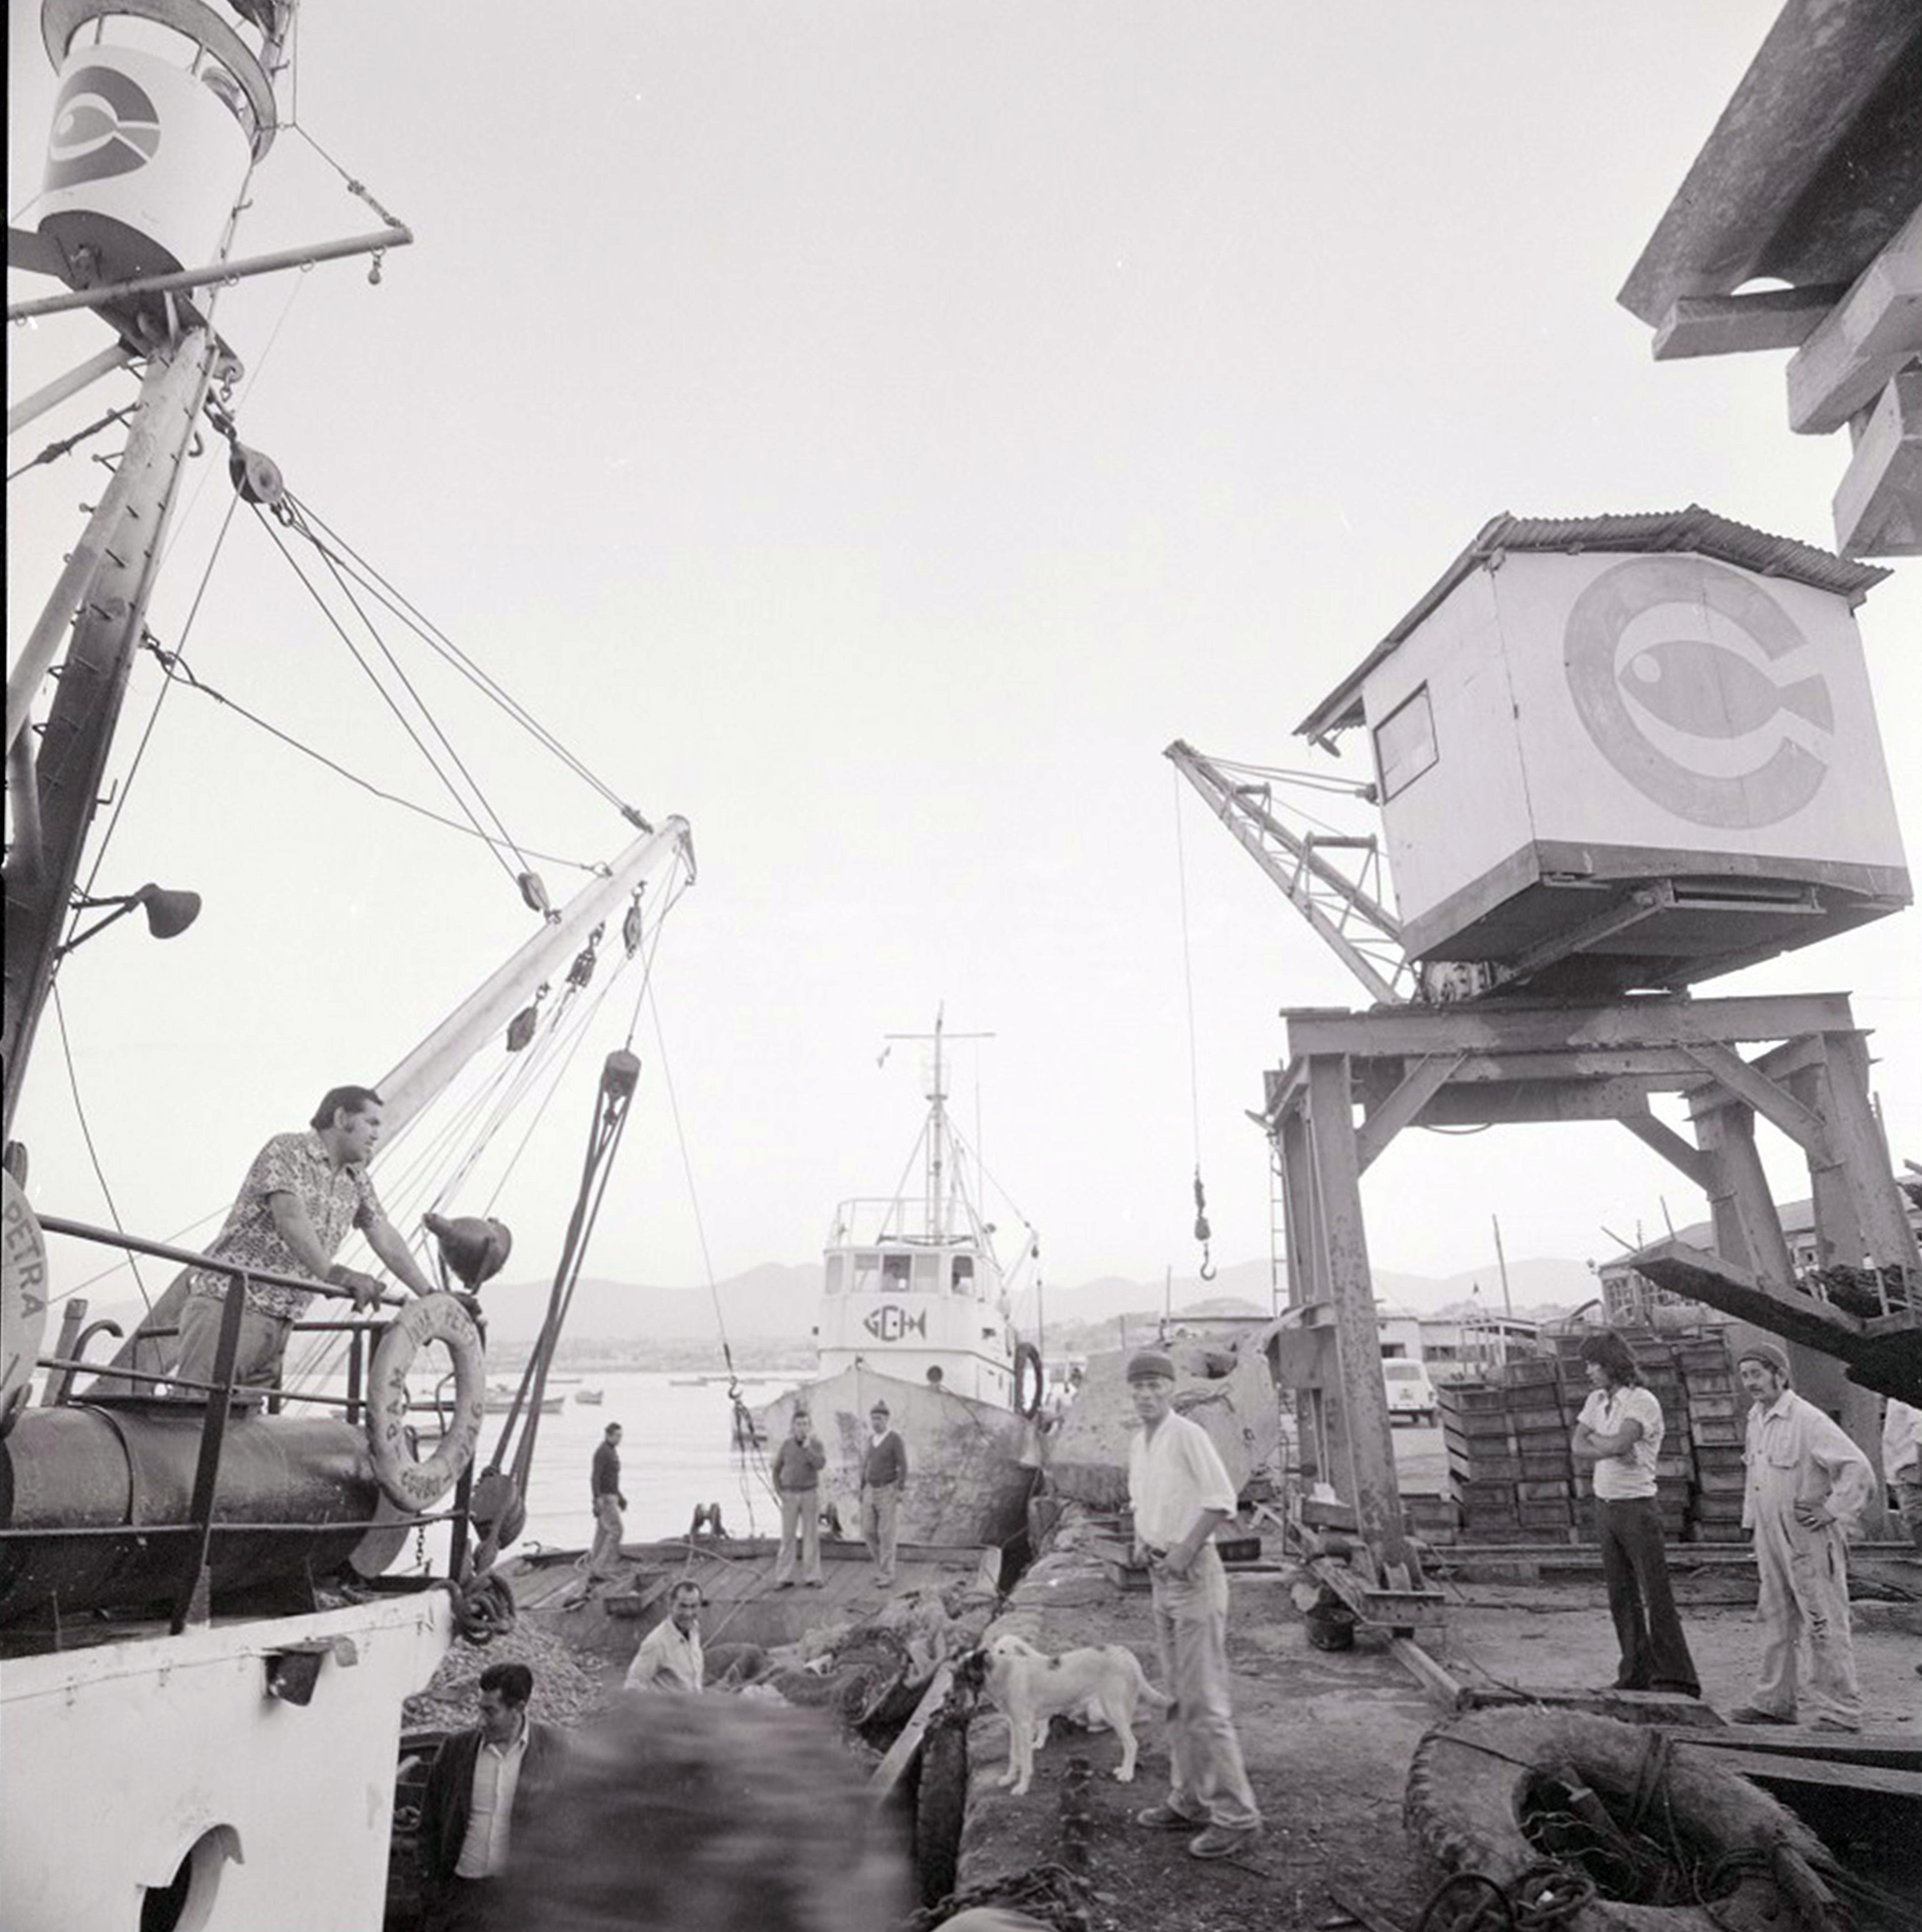 Enterreno - Fotos históricas de chile - fotos antiguas de Chile - Descarga de mariscos en el puerto de Coquimbo, 1976